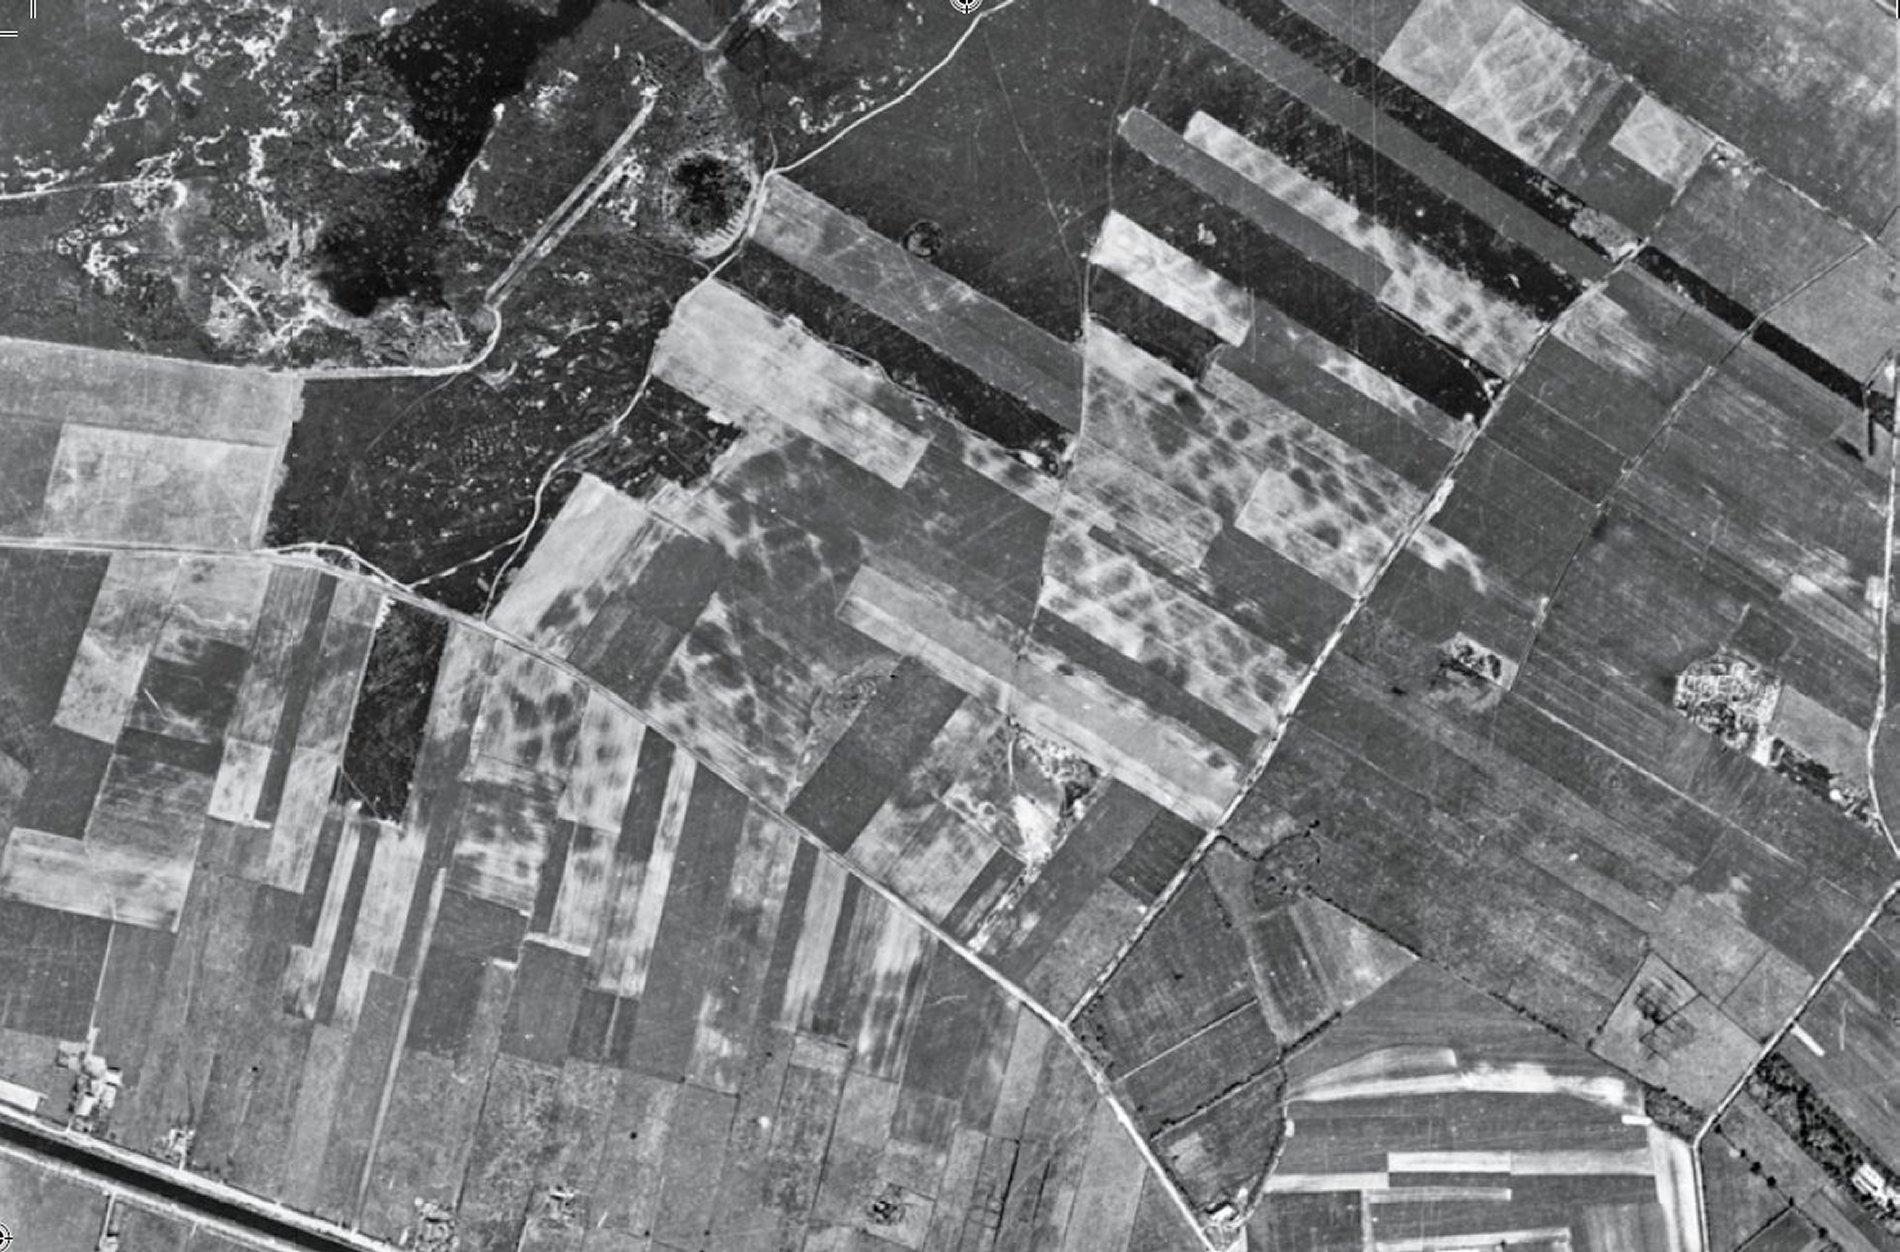 Luchtfoto van de raatakkers te Hijken (1950)